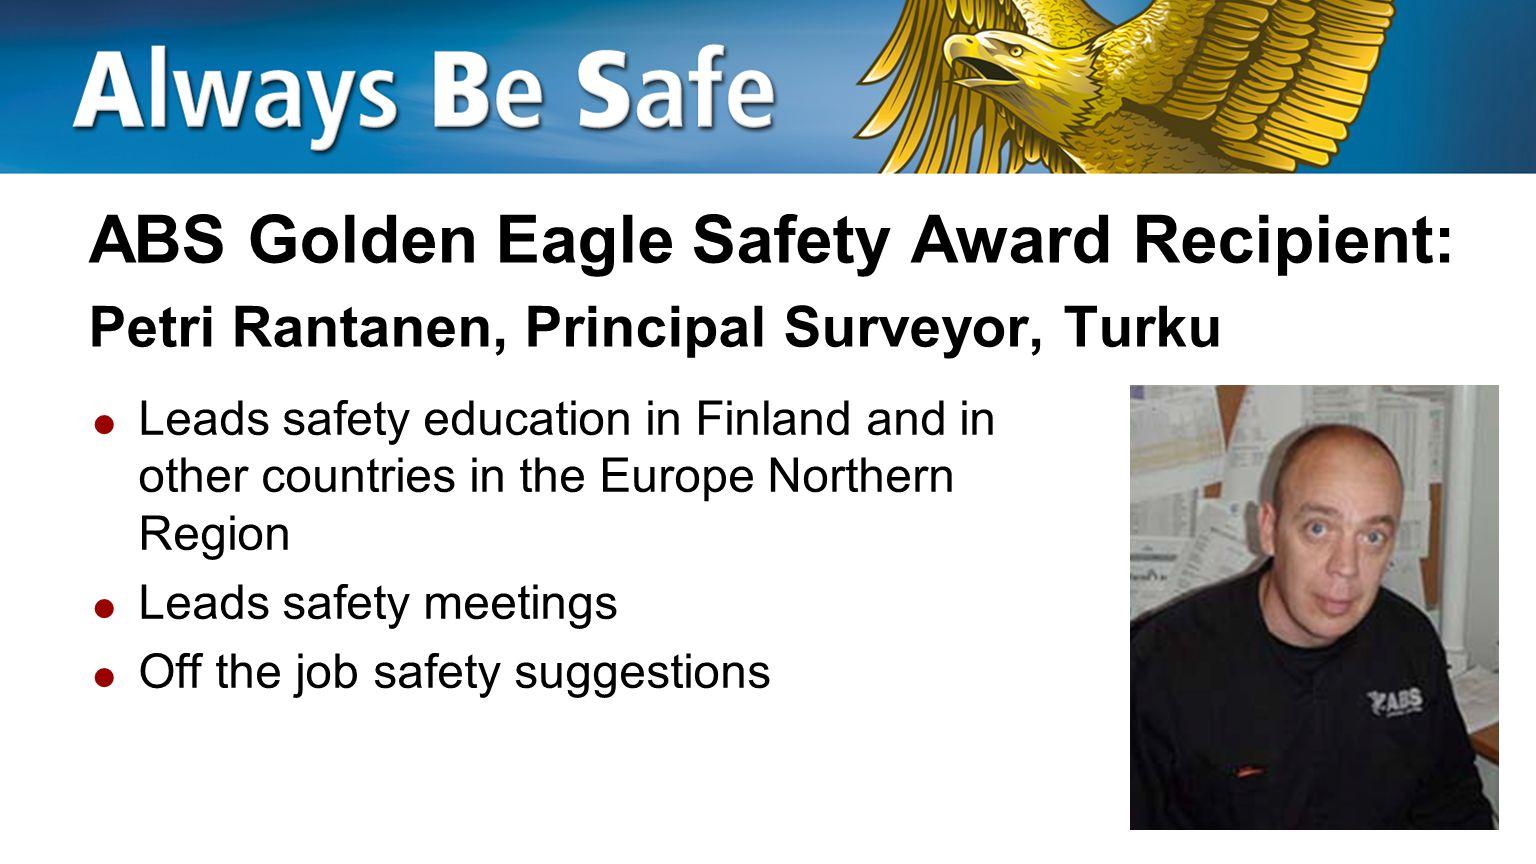 ABS Golden Eagle Safety Award Recipient: Petri Rantanen, Principal Surveyor, Turku